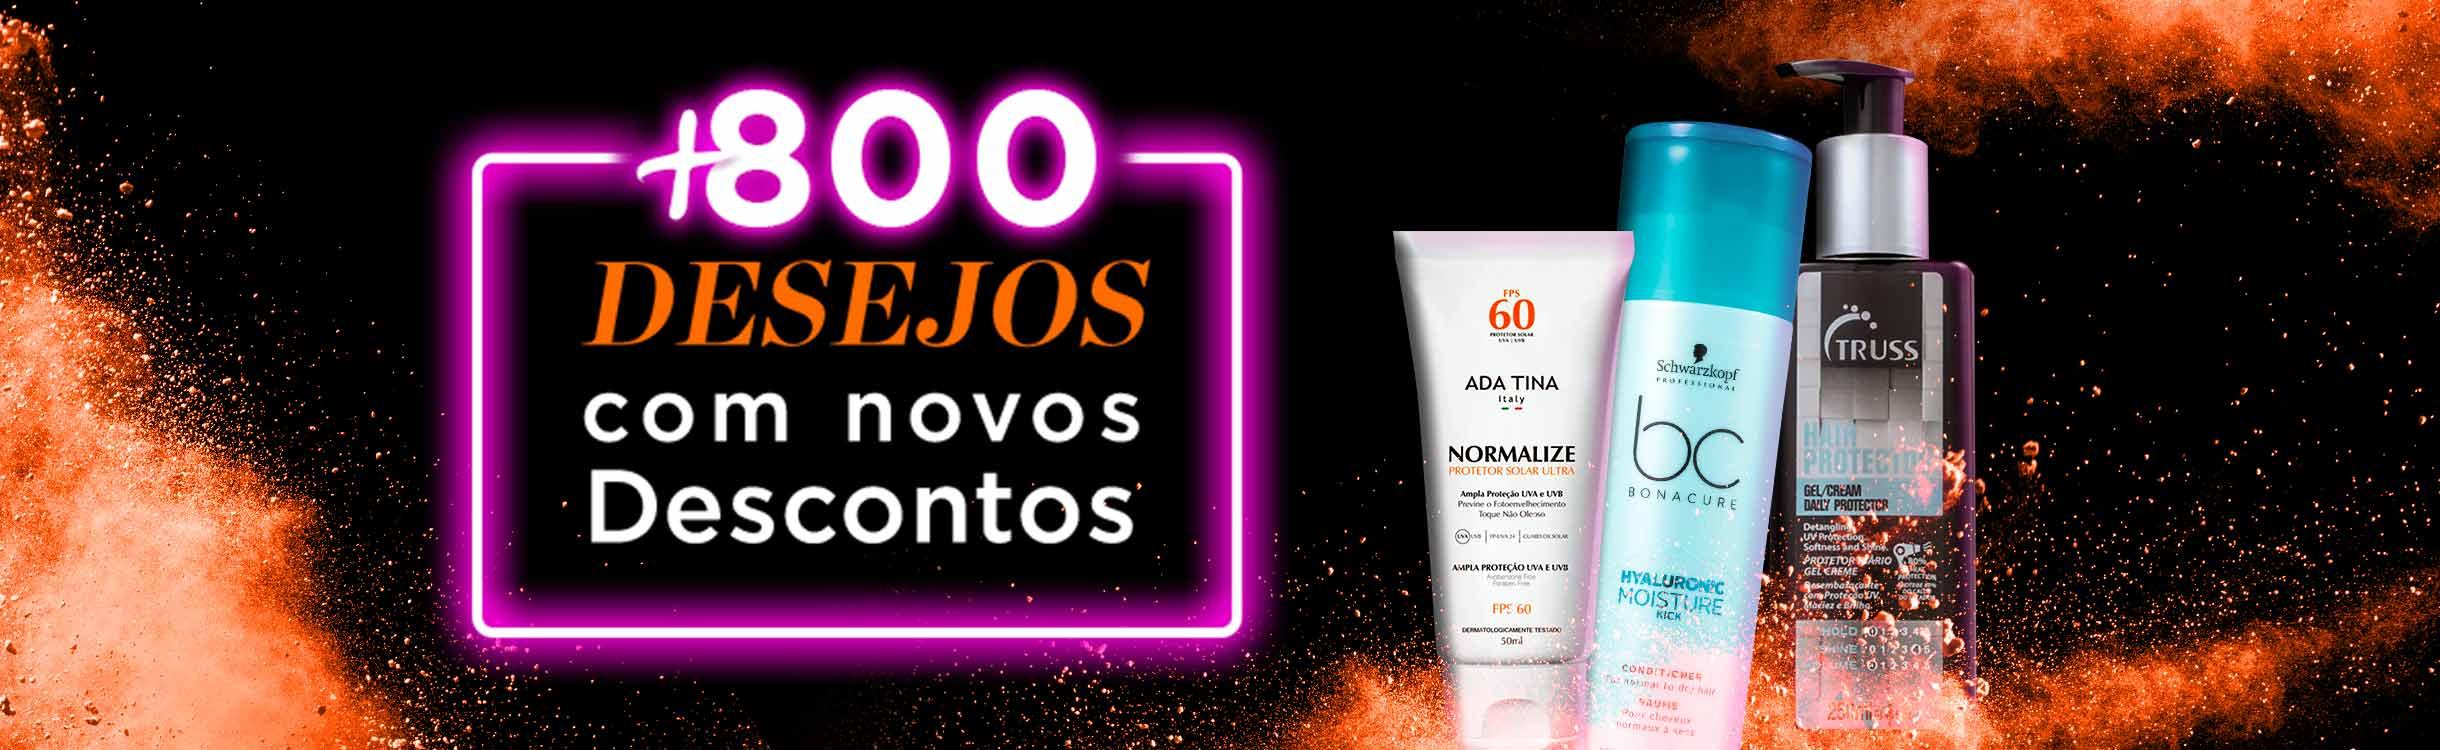 +800 DESEJOS DE BELEZA COM NOVOS DESCONTOS